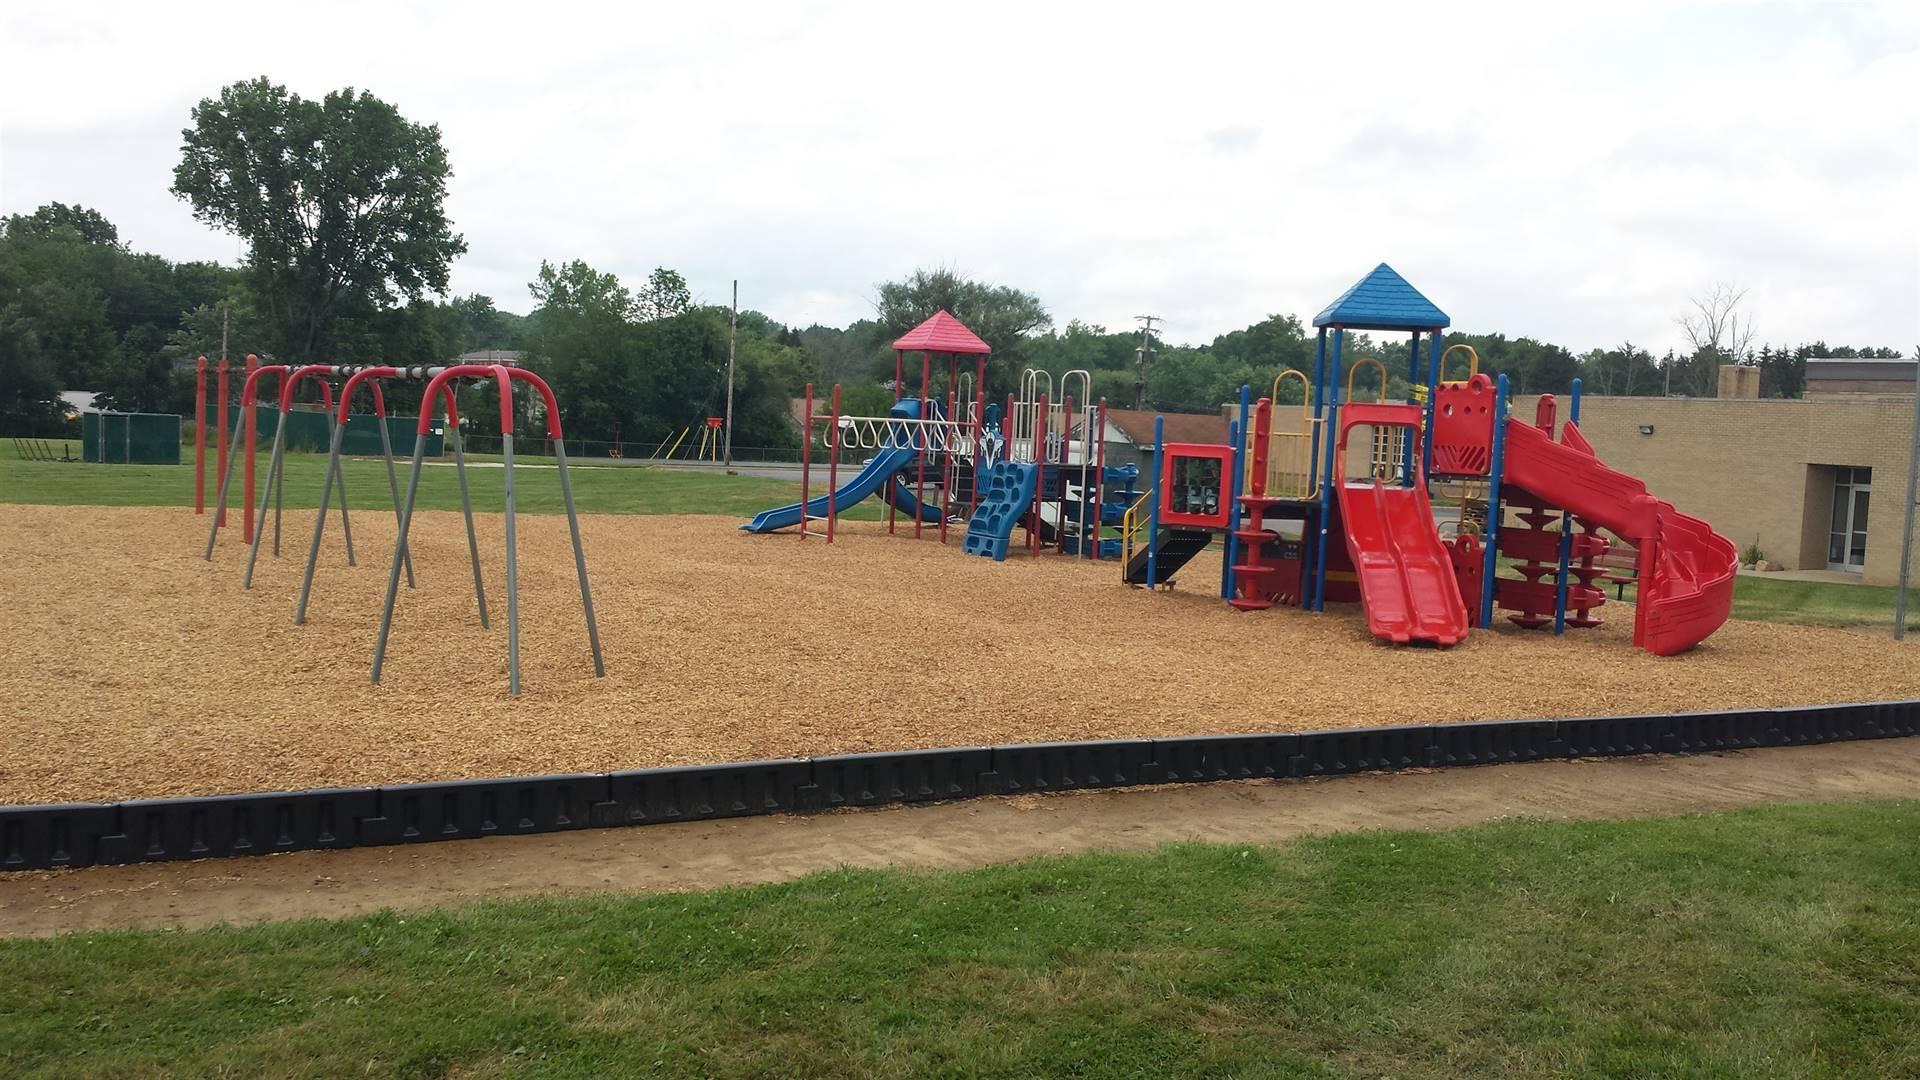 New NES playground